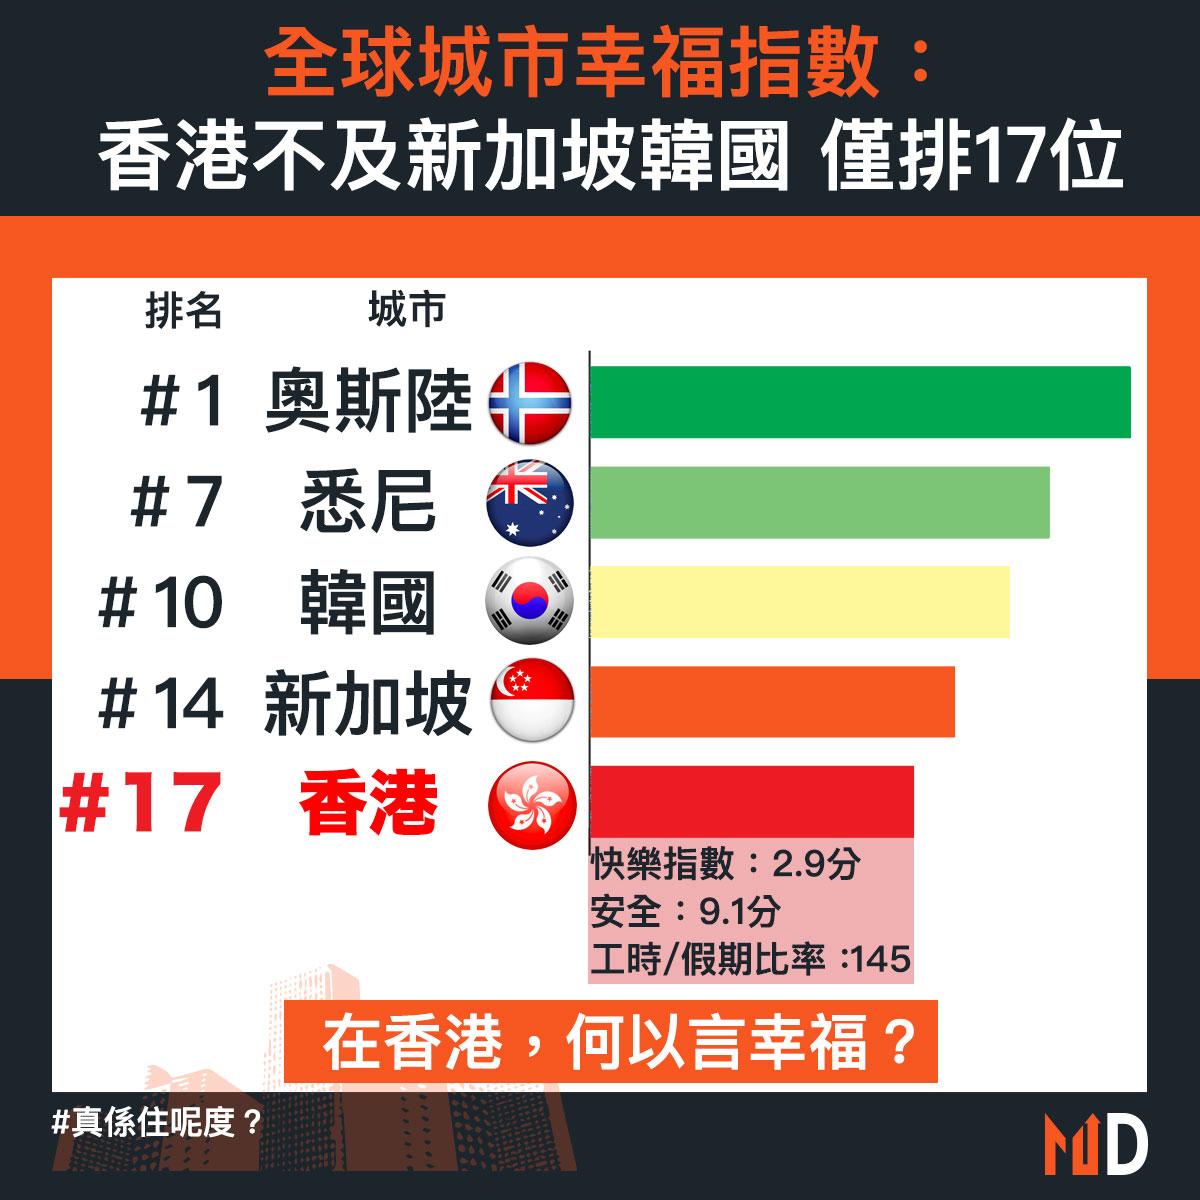 【真係住呢度?】全球城市幸福指數:香港不及新加坡韓國 僅排17位